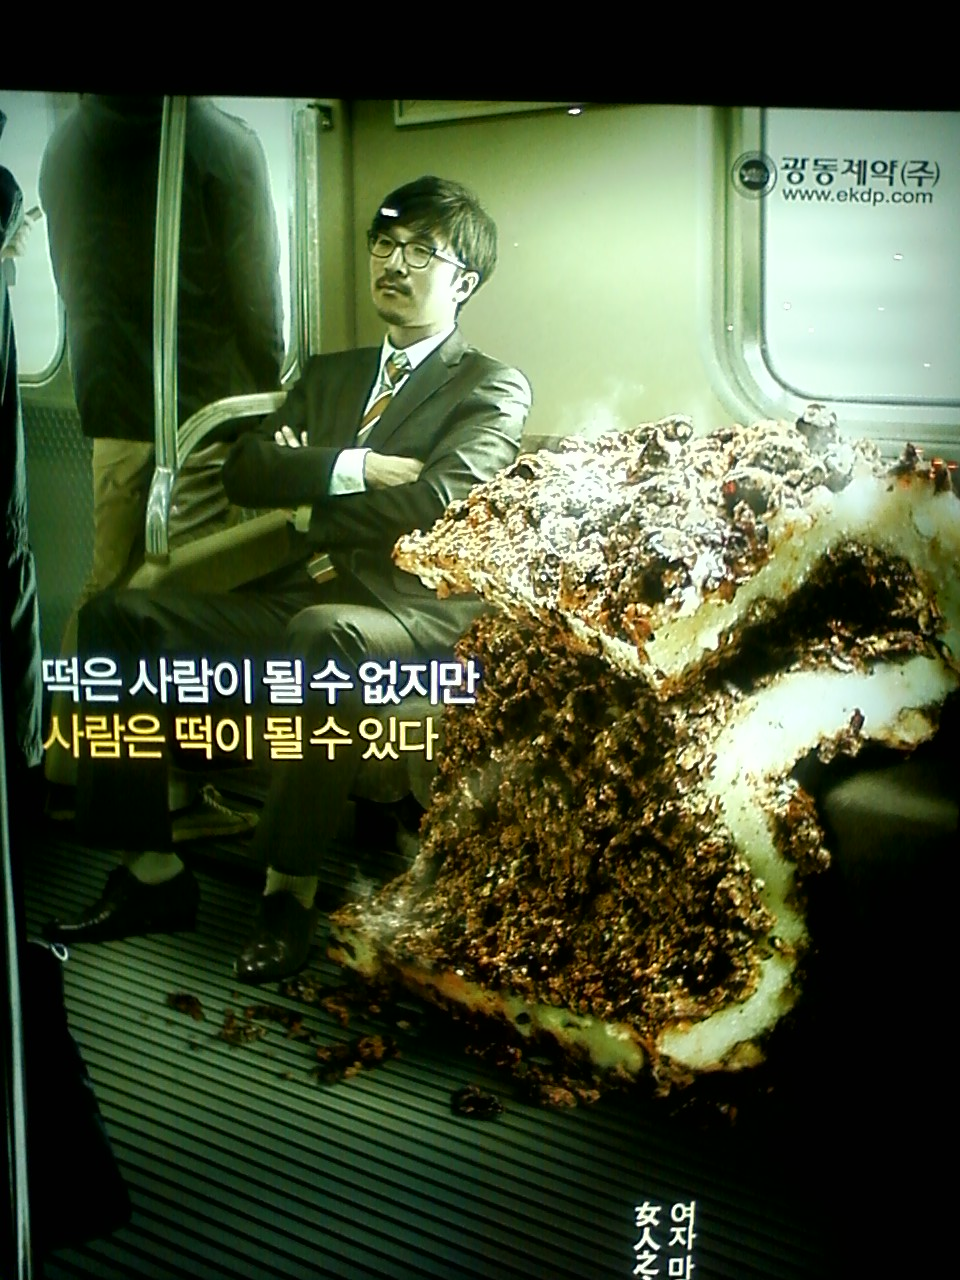 한국이 아니면 나올 수 없는 광고